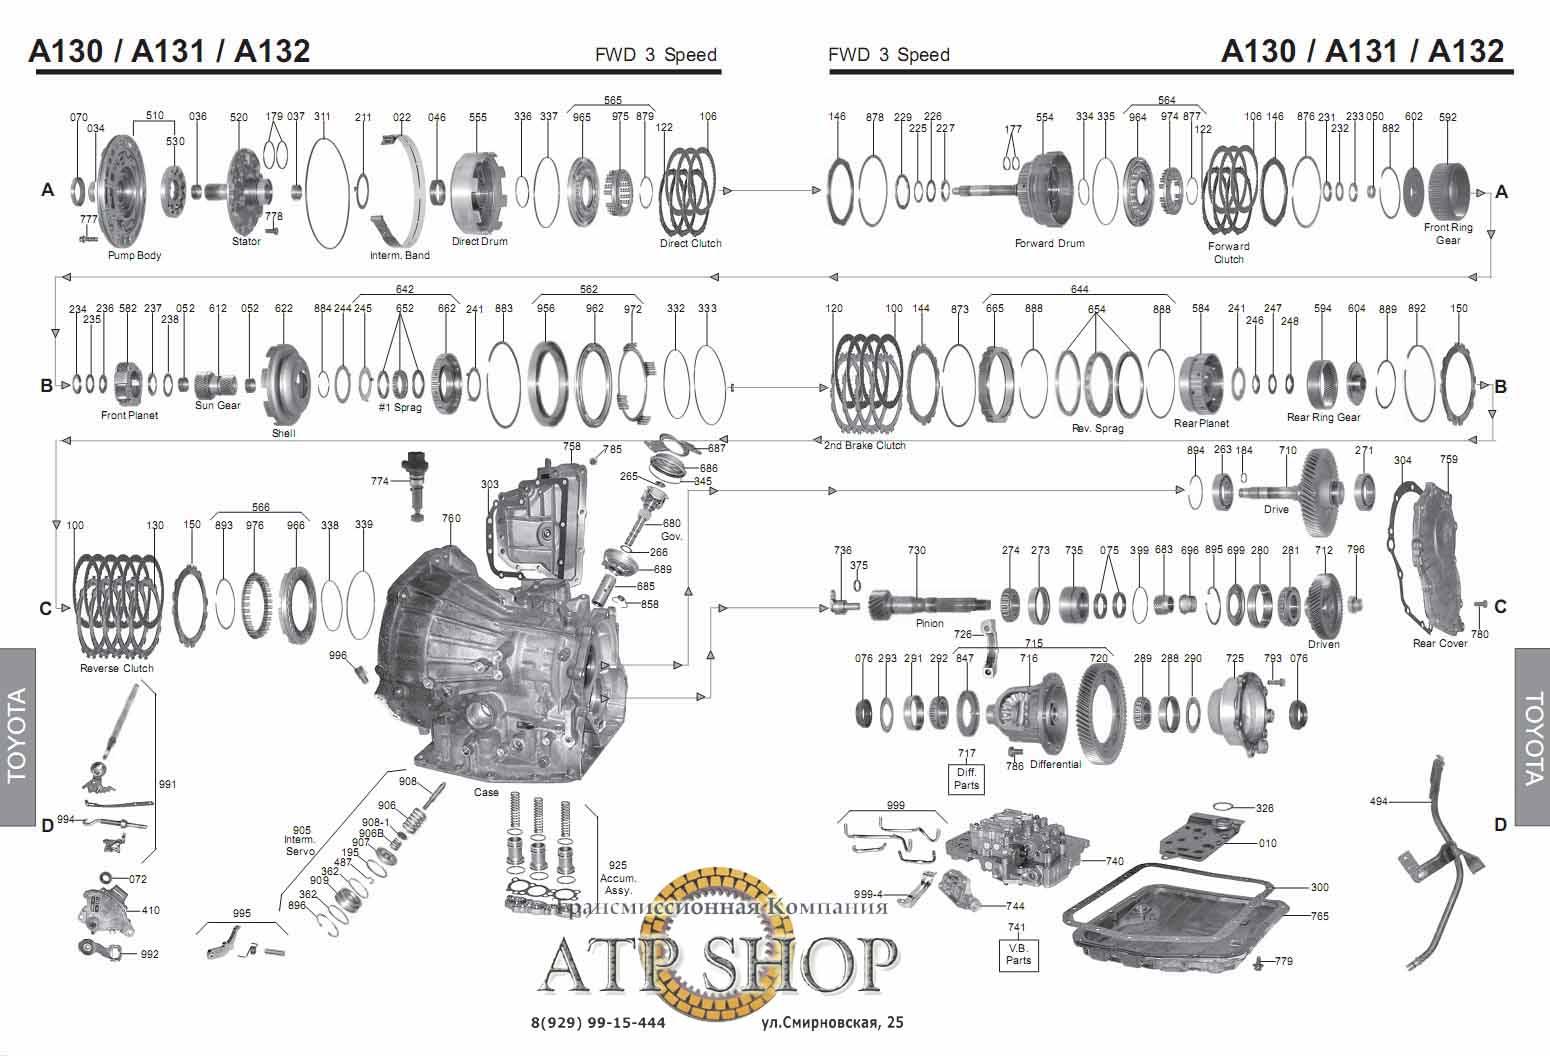 A130 A131 A132 Transakpp